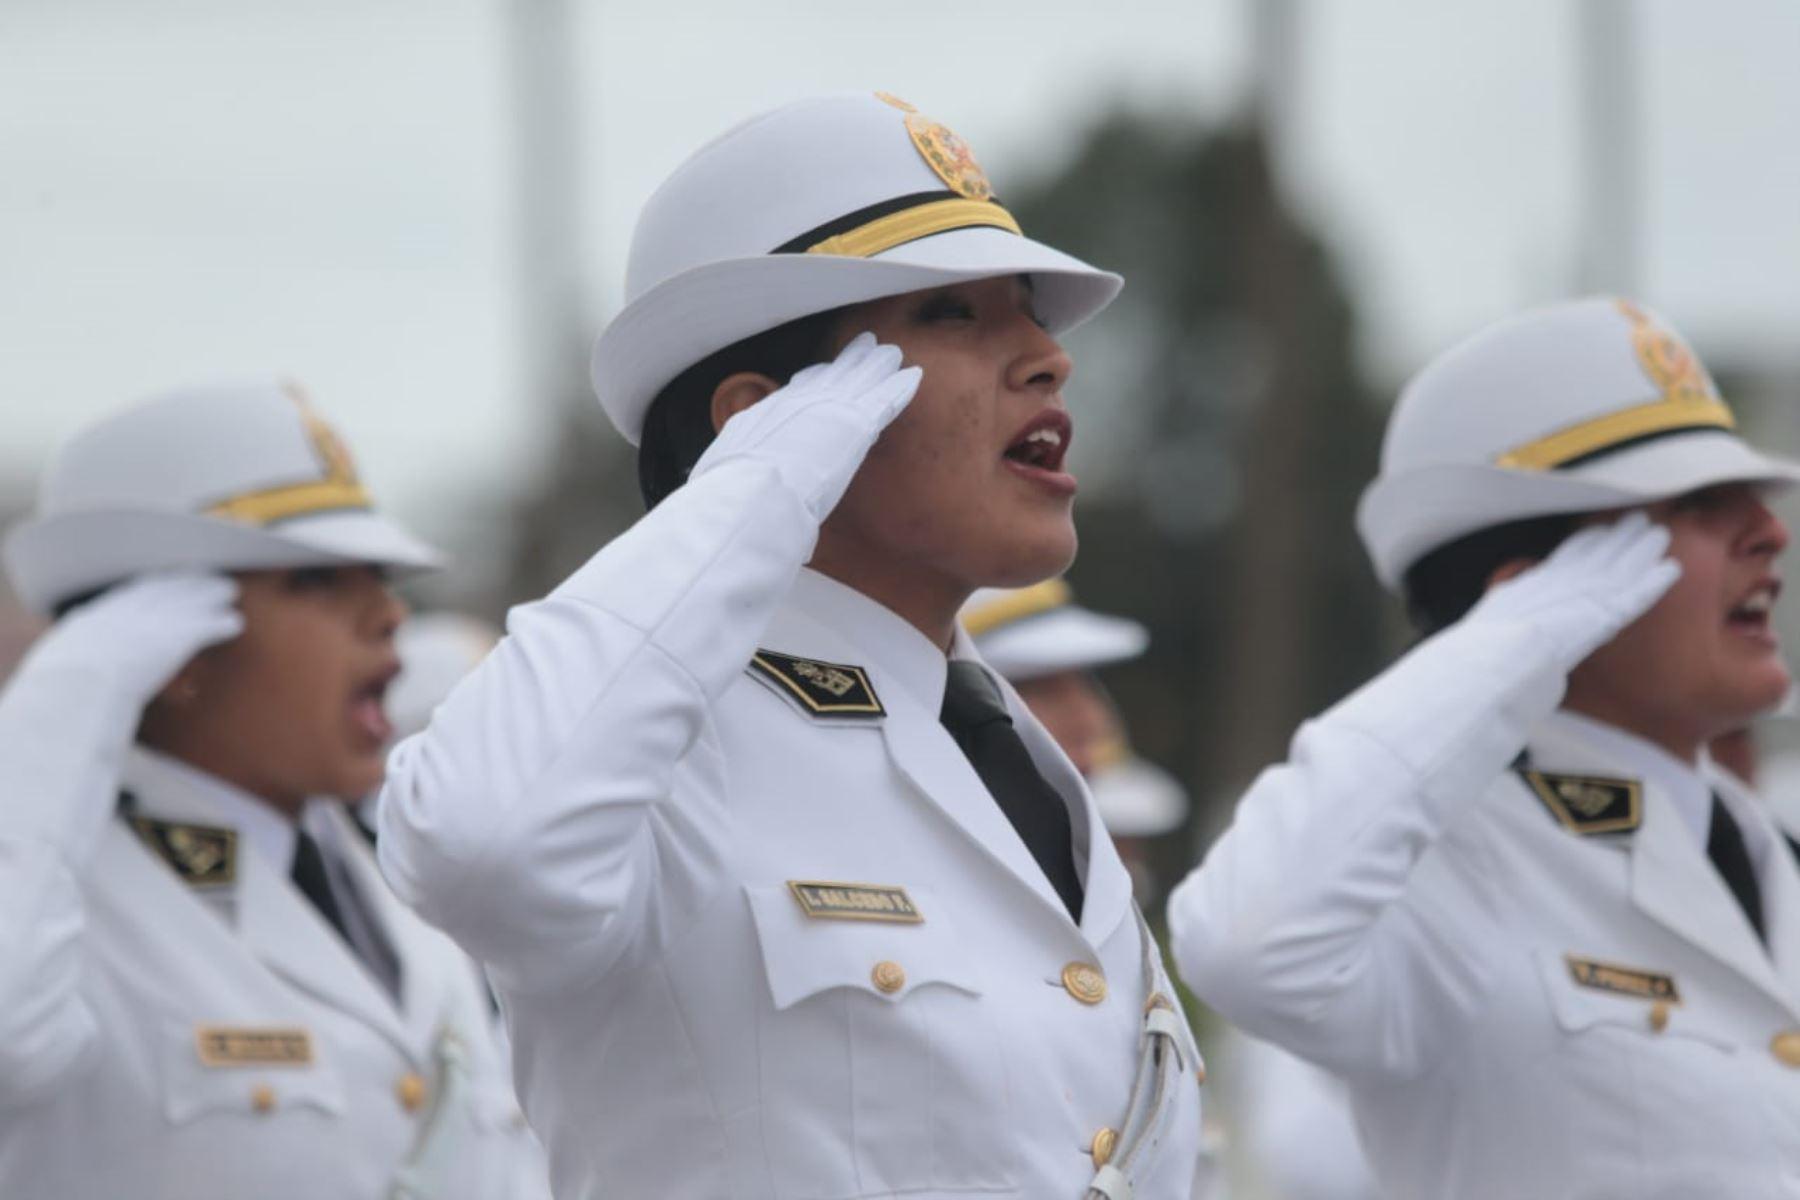 Presidente de la República, Martín Vizcarra, asiste a la ceremonia por el XXX Aniversario de la Policía Nacional del Perú, para reafirmar el rol fundamental que cumplen en nuestra sociedad y agradecer por su labor de entrega y disciplina.Foto: ANDINA/Prensa Presidencia